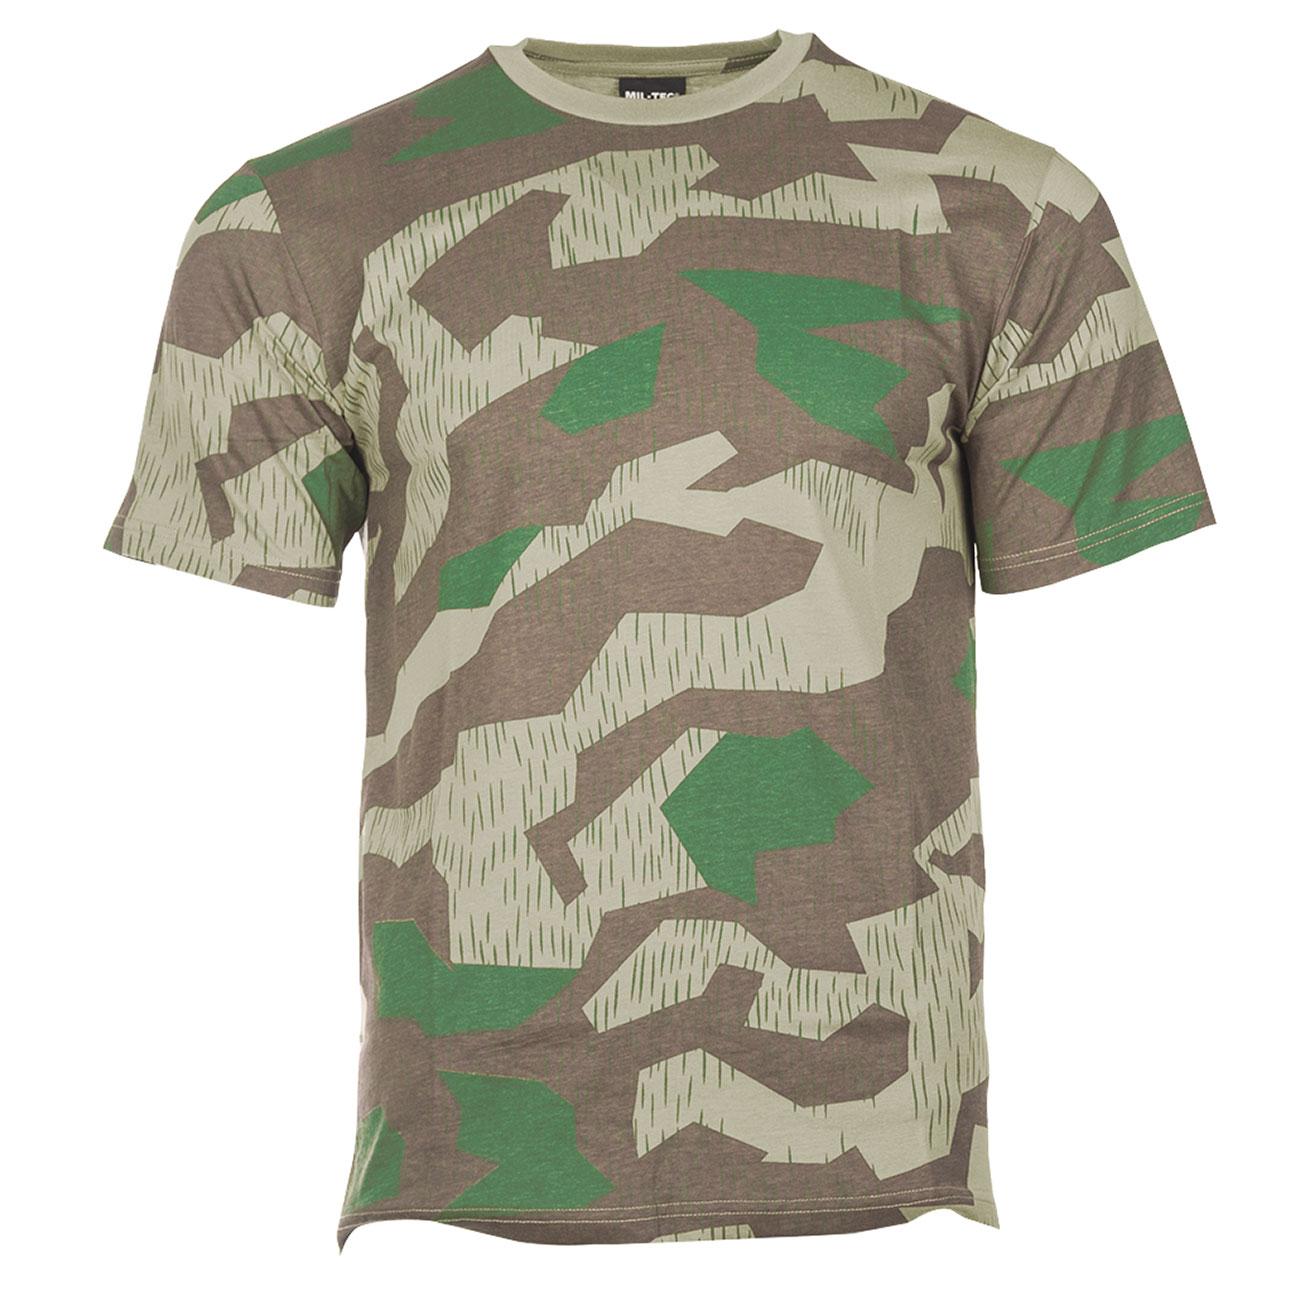 d04497b5be4a55 T-Shirt Tarnshirt splintertarn günstig kaufen - Kotte & Zeller